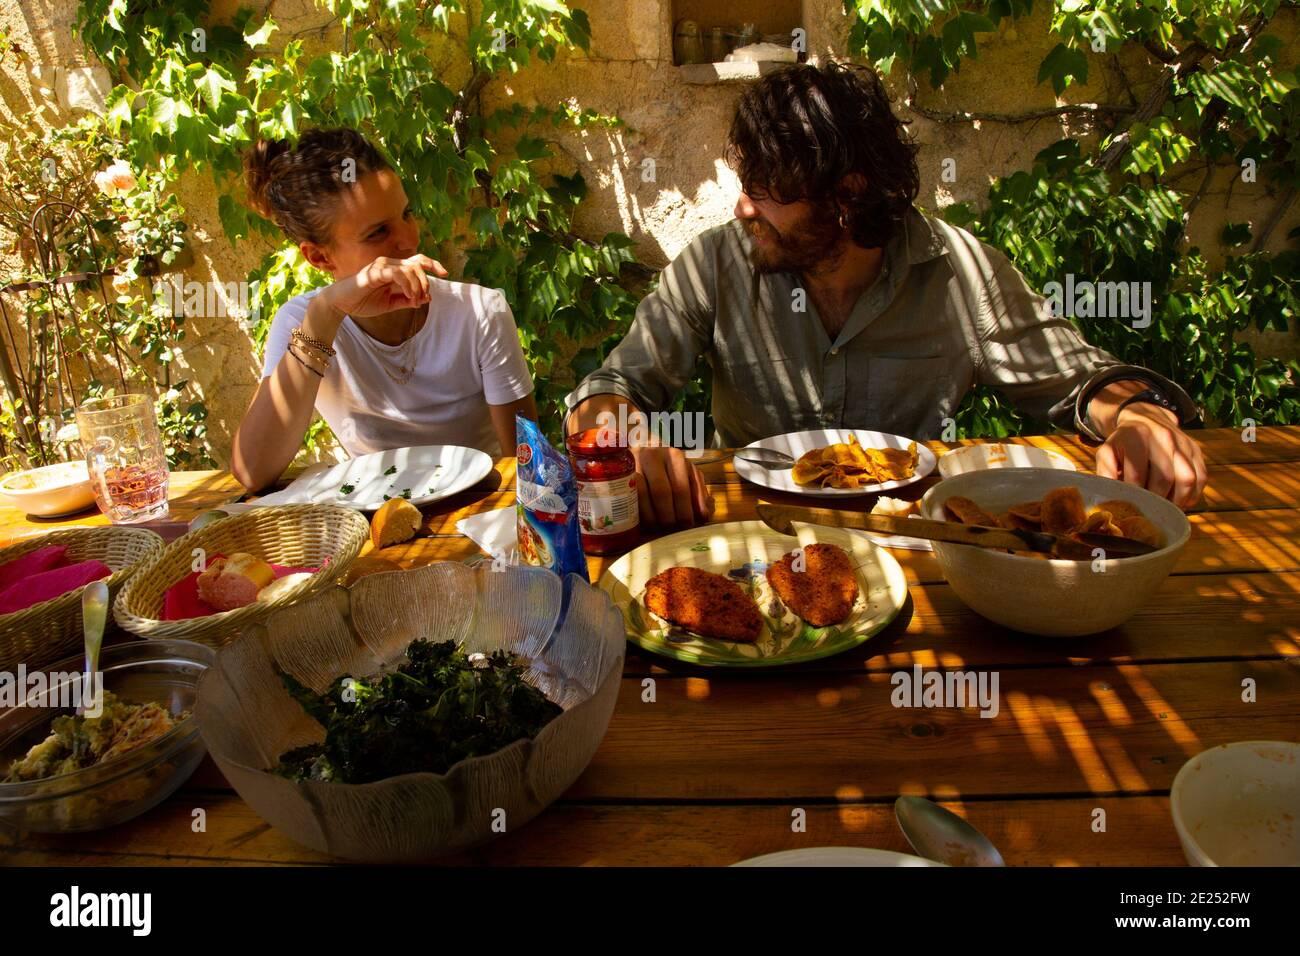 Un jeune couple qui apprécie un repas méditerranéen. Banque D'Images